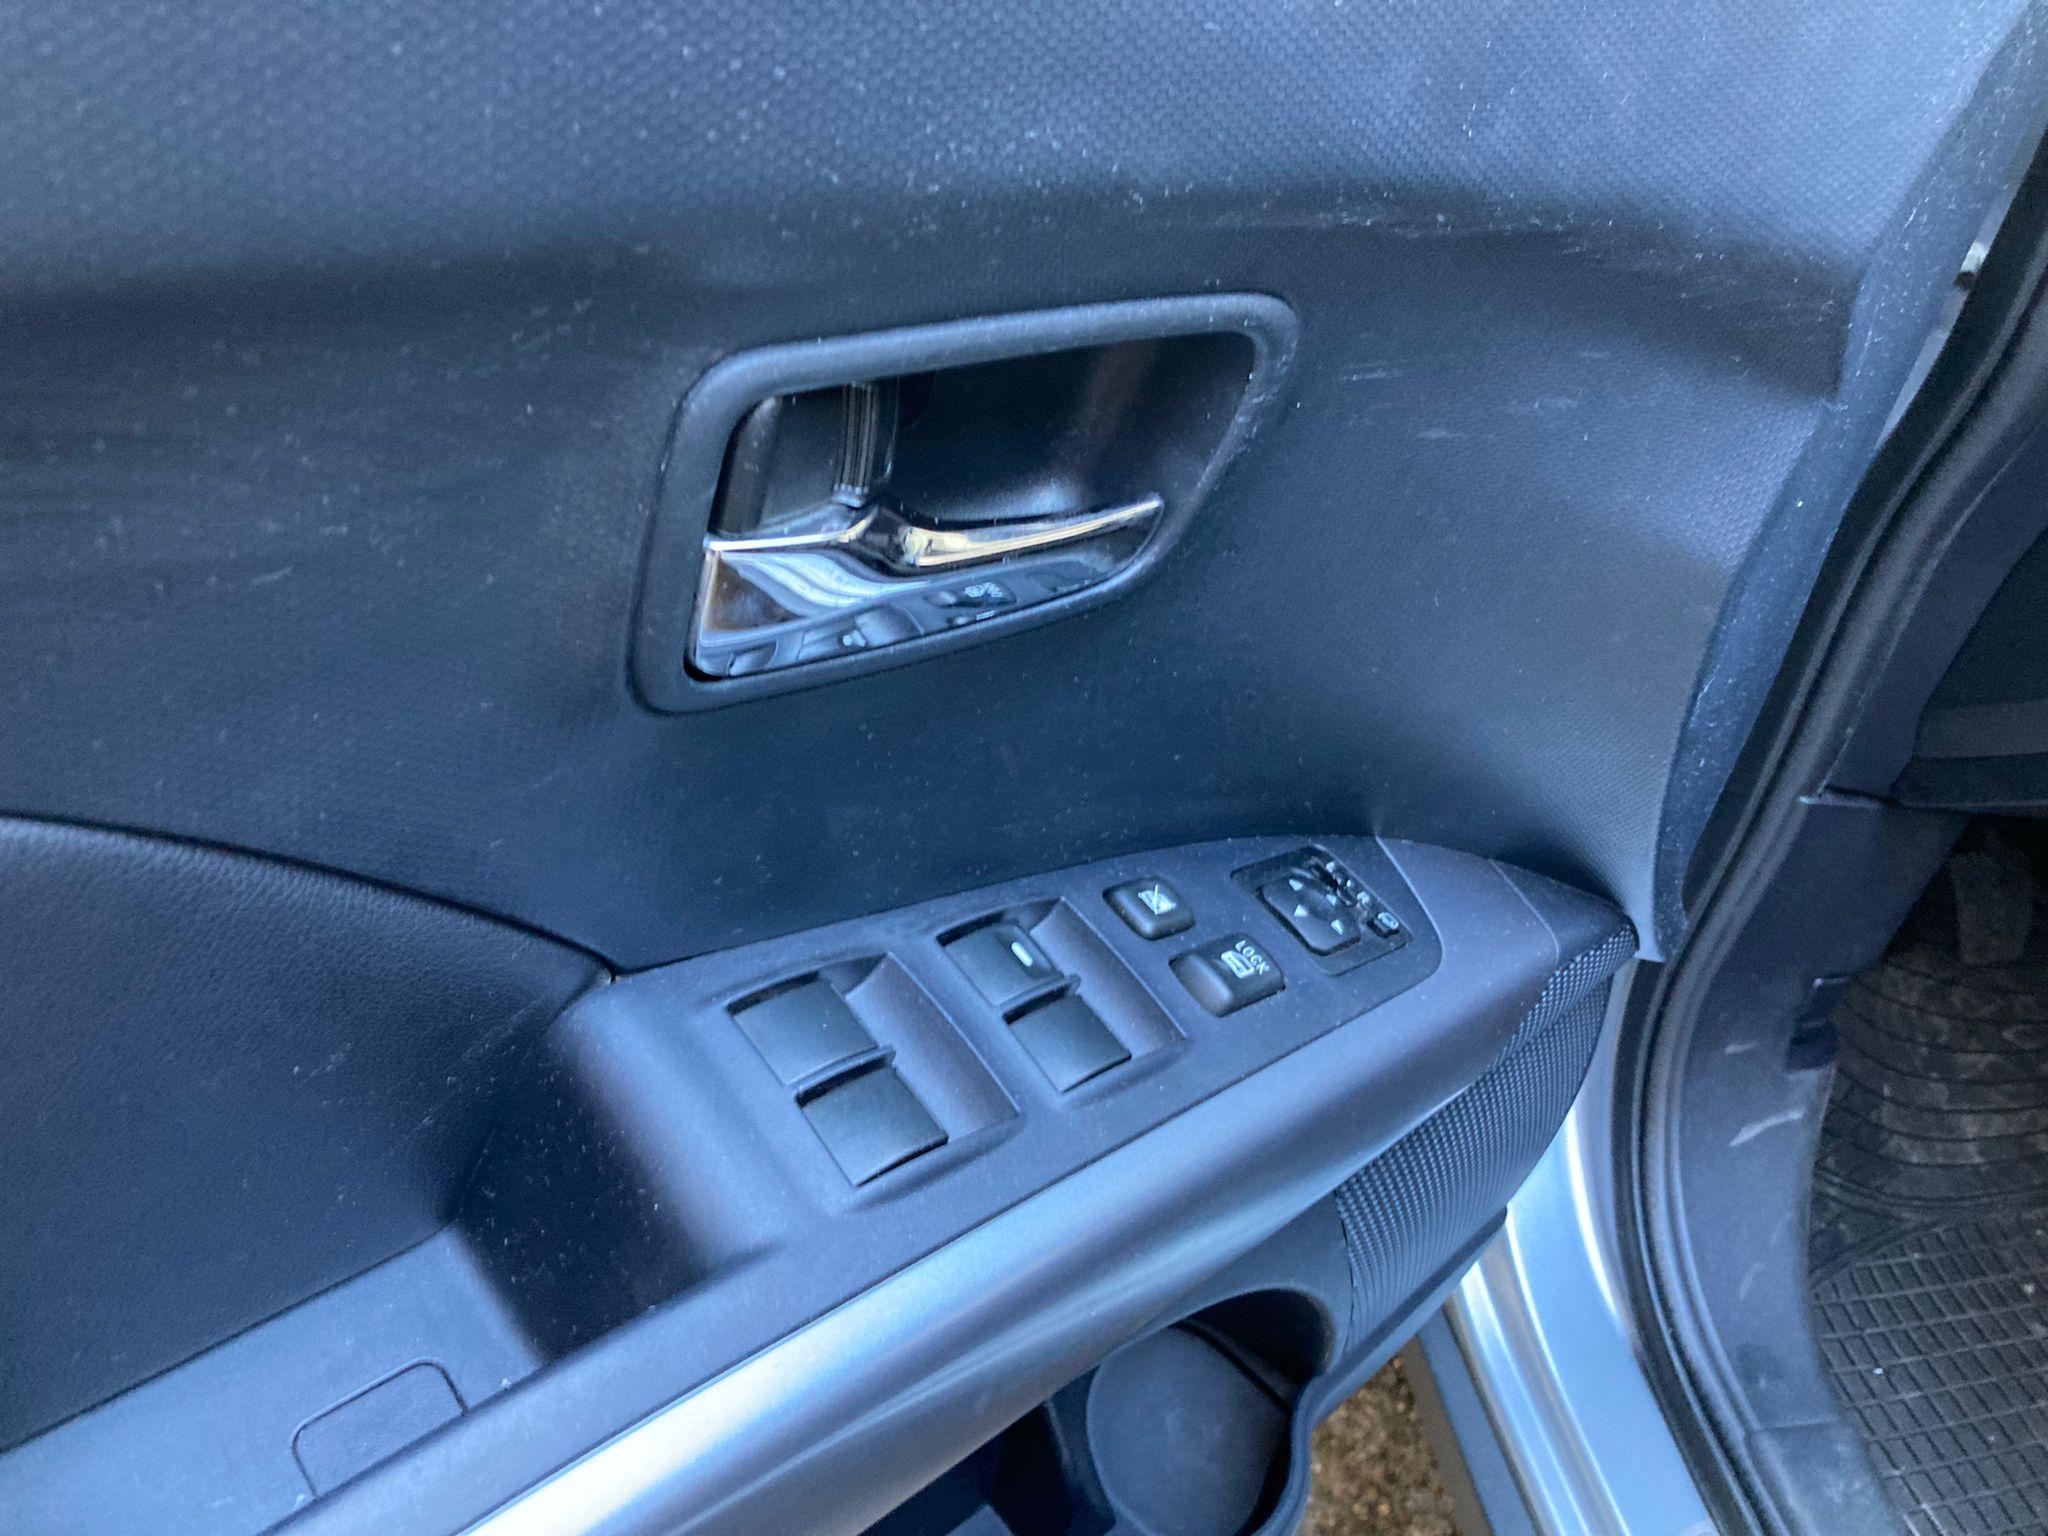 OUTLANDER 2.4 MIVEC Intense 4WD, 170 CHEVAUX, 7 places